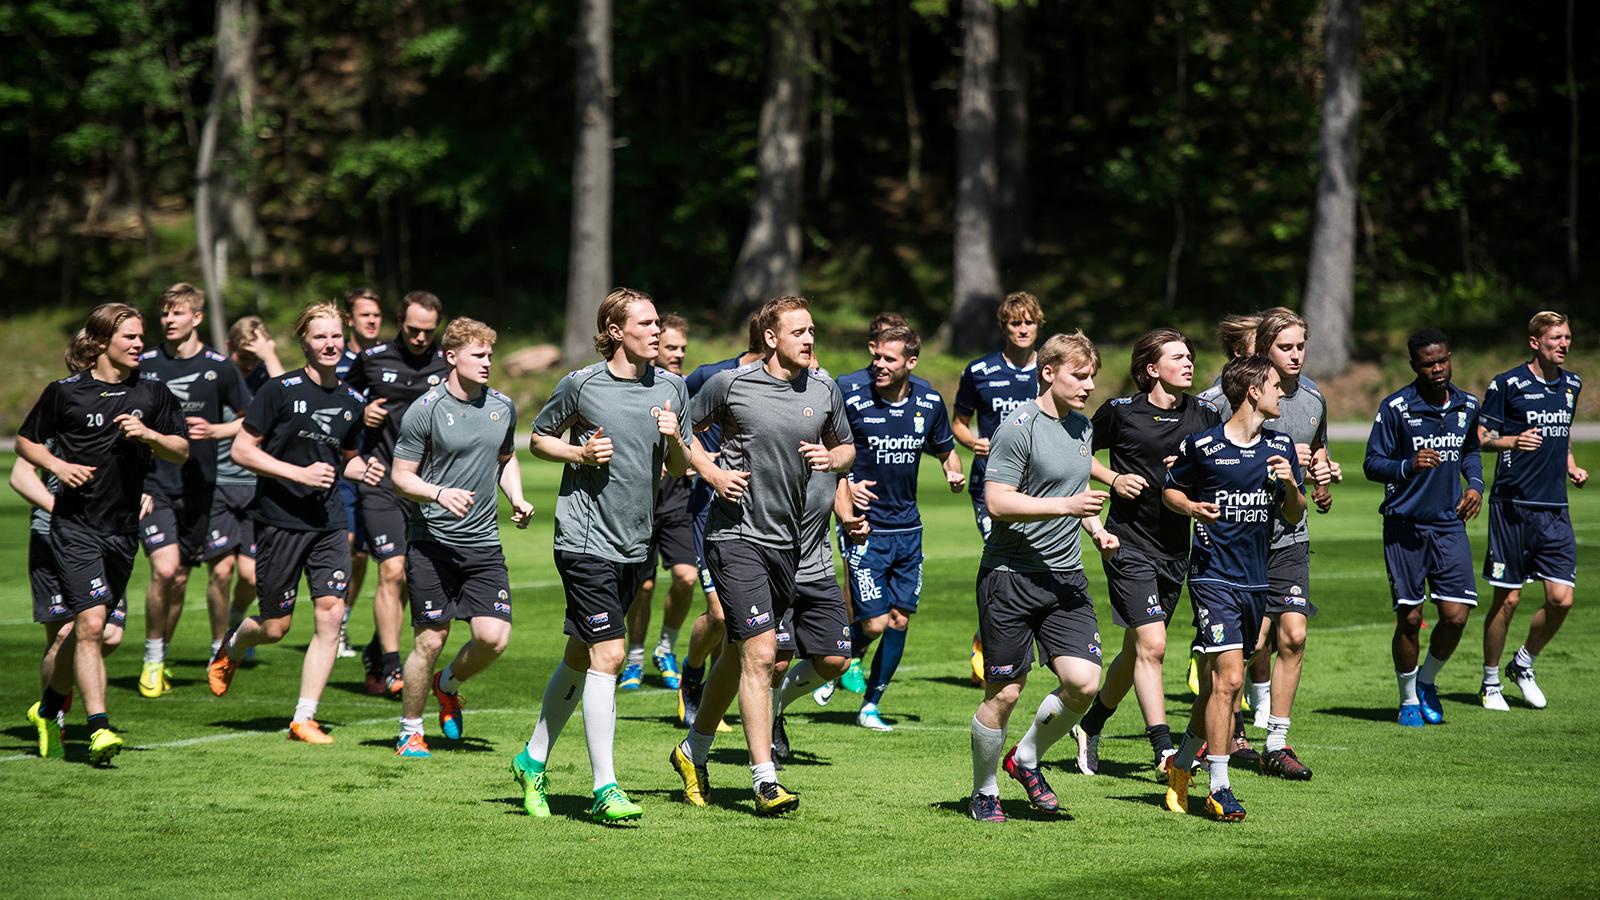 170614 Lagen värmer upp under en träning med IFK Göteborg och SHL-laget Frölunda den 14 juni 2017 i Göteborg.